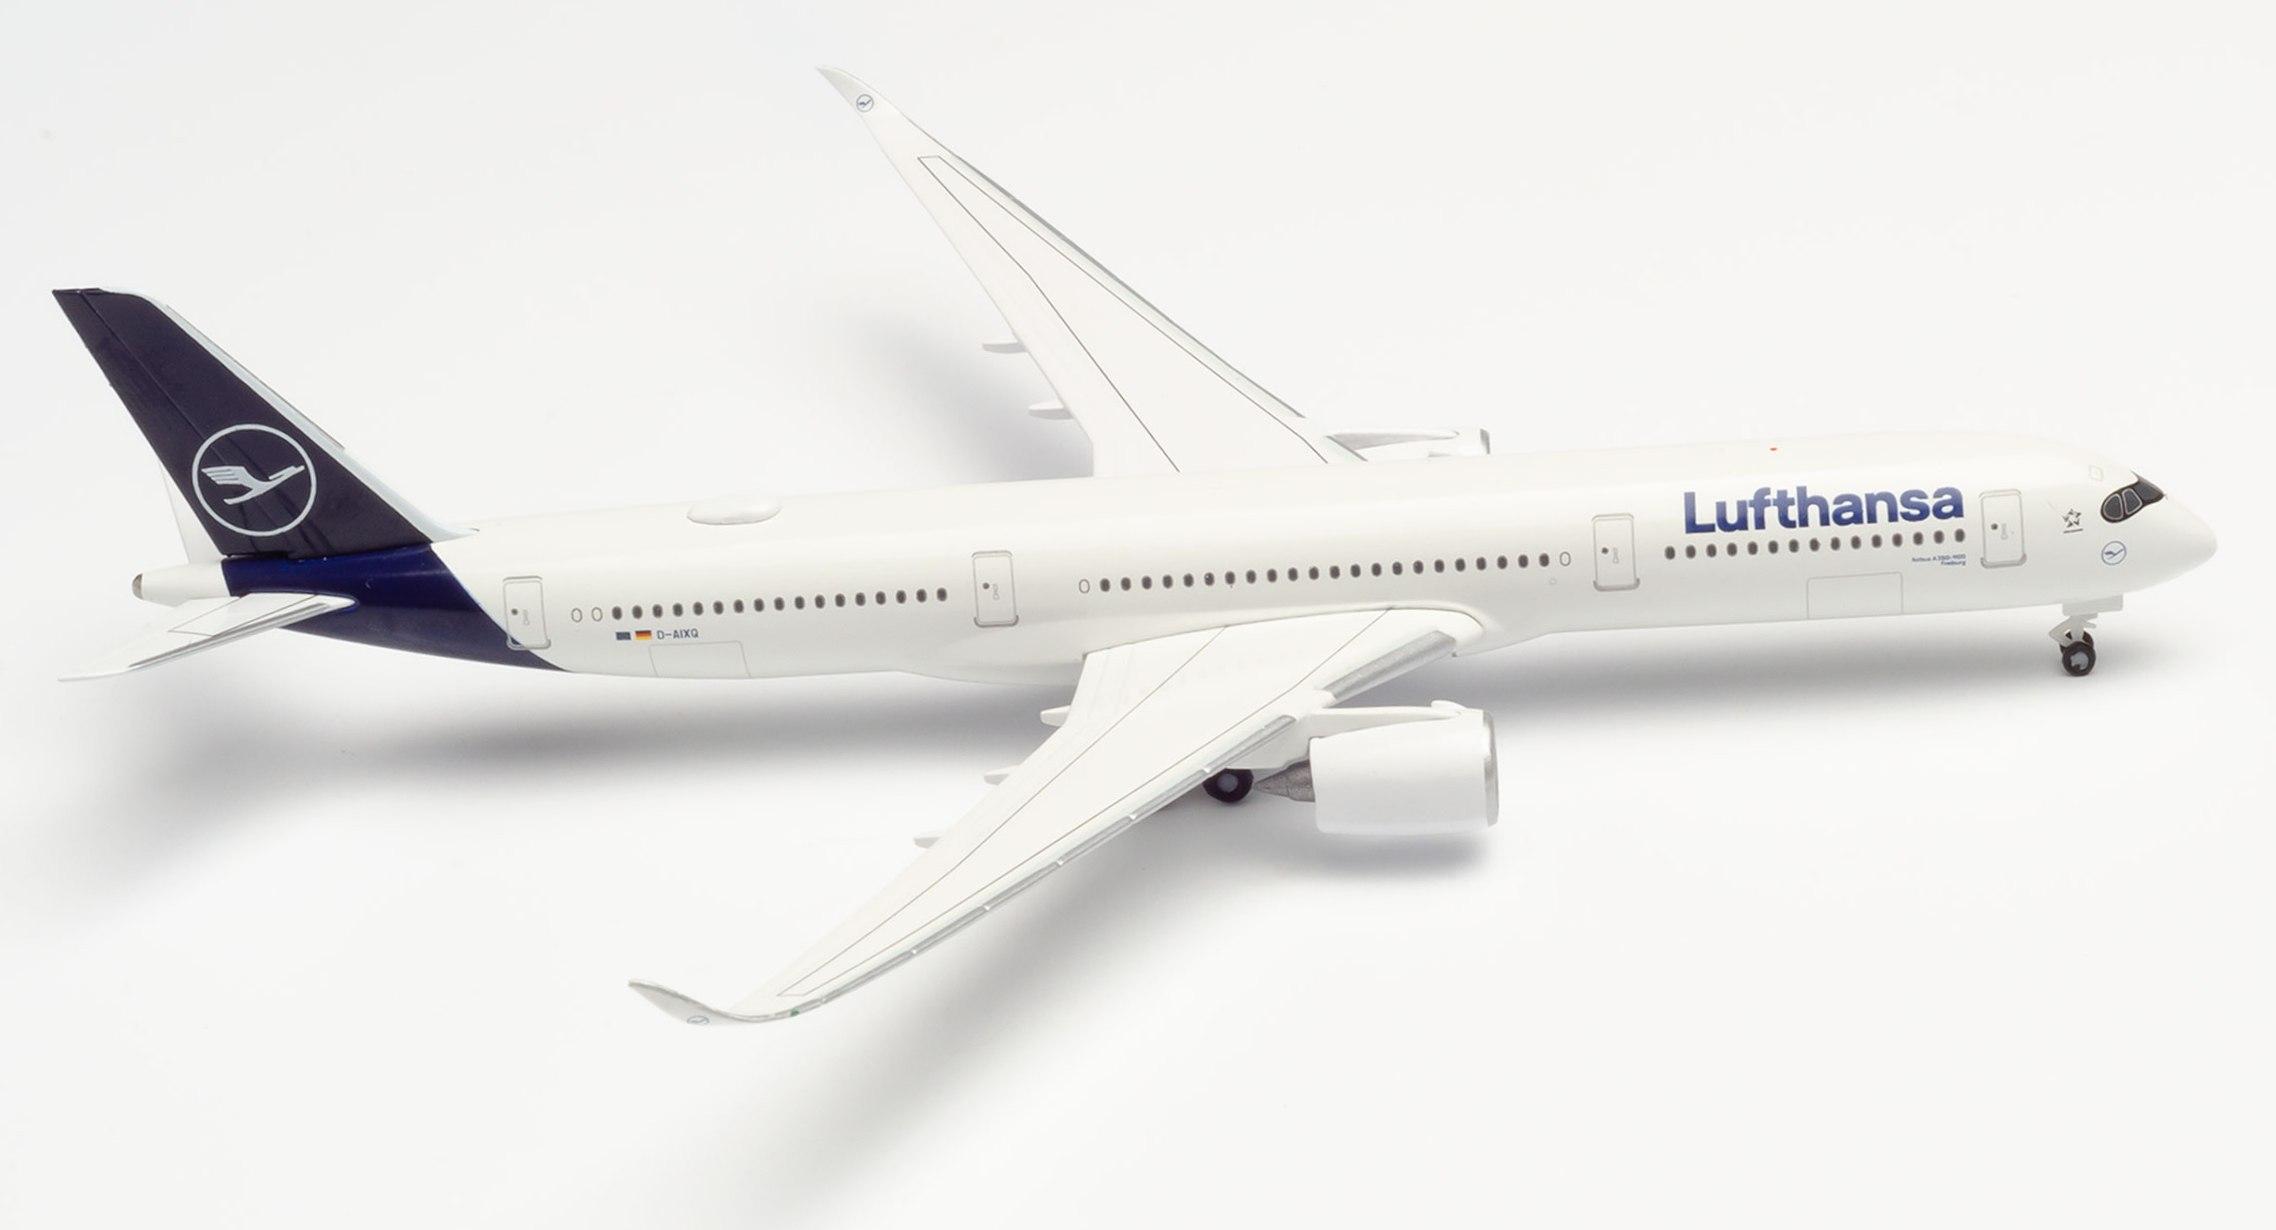 AW-Lufthansa_A350-900_0001